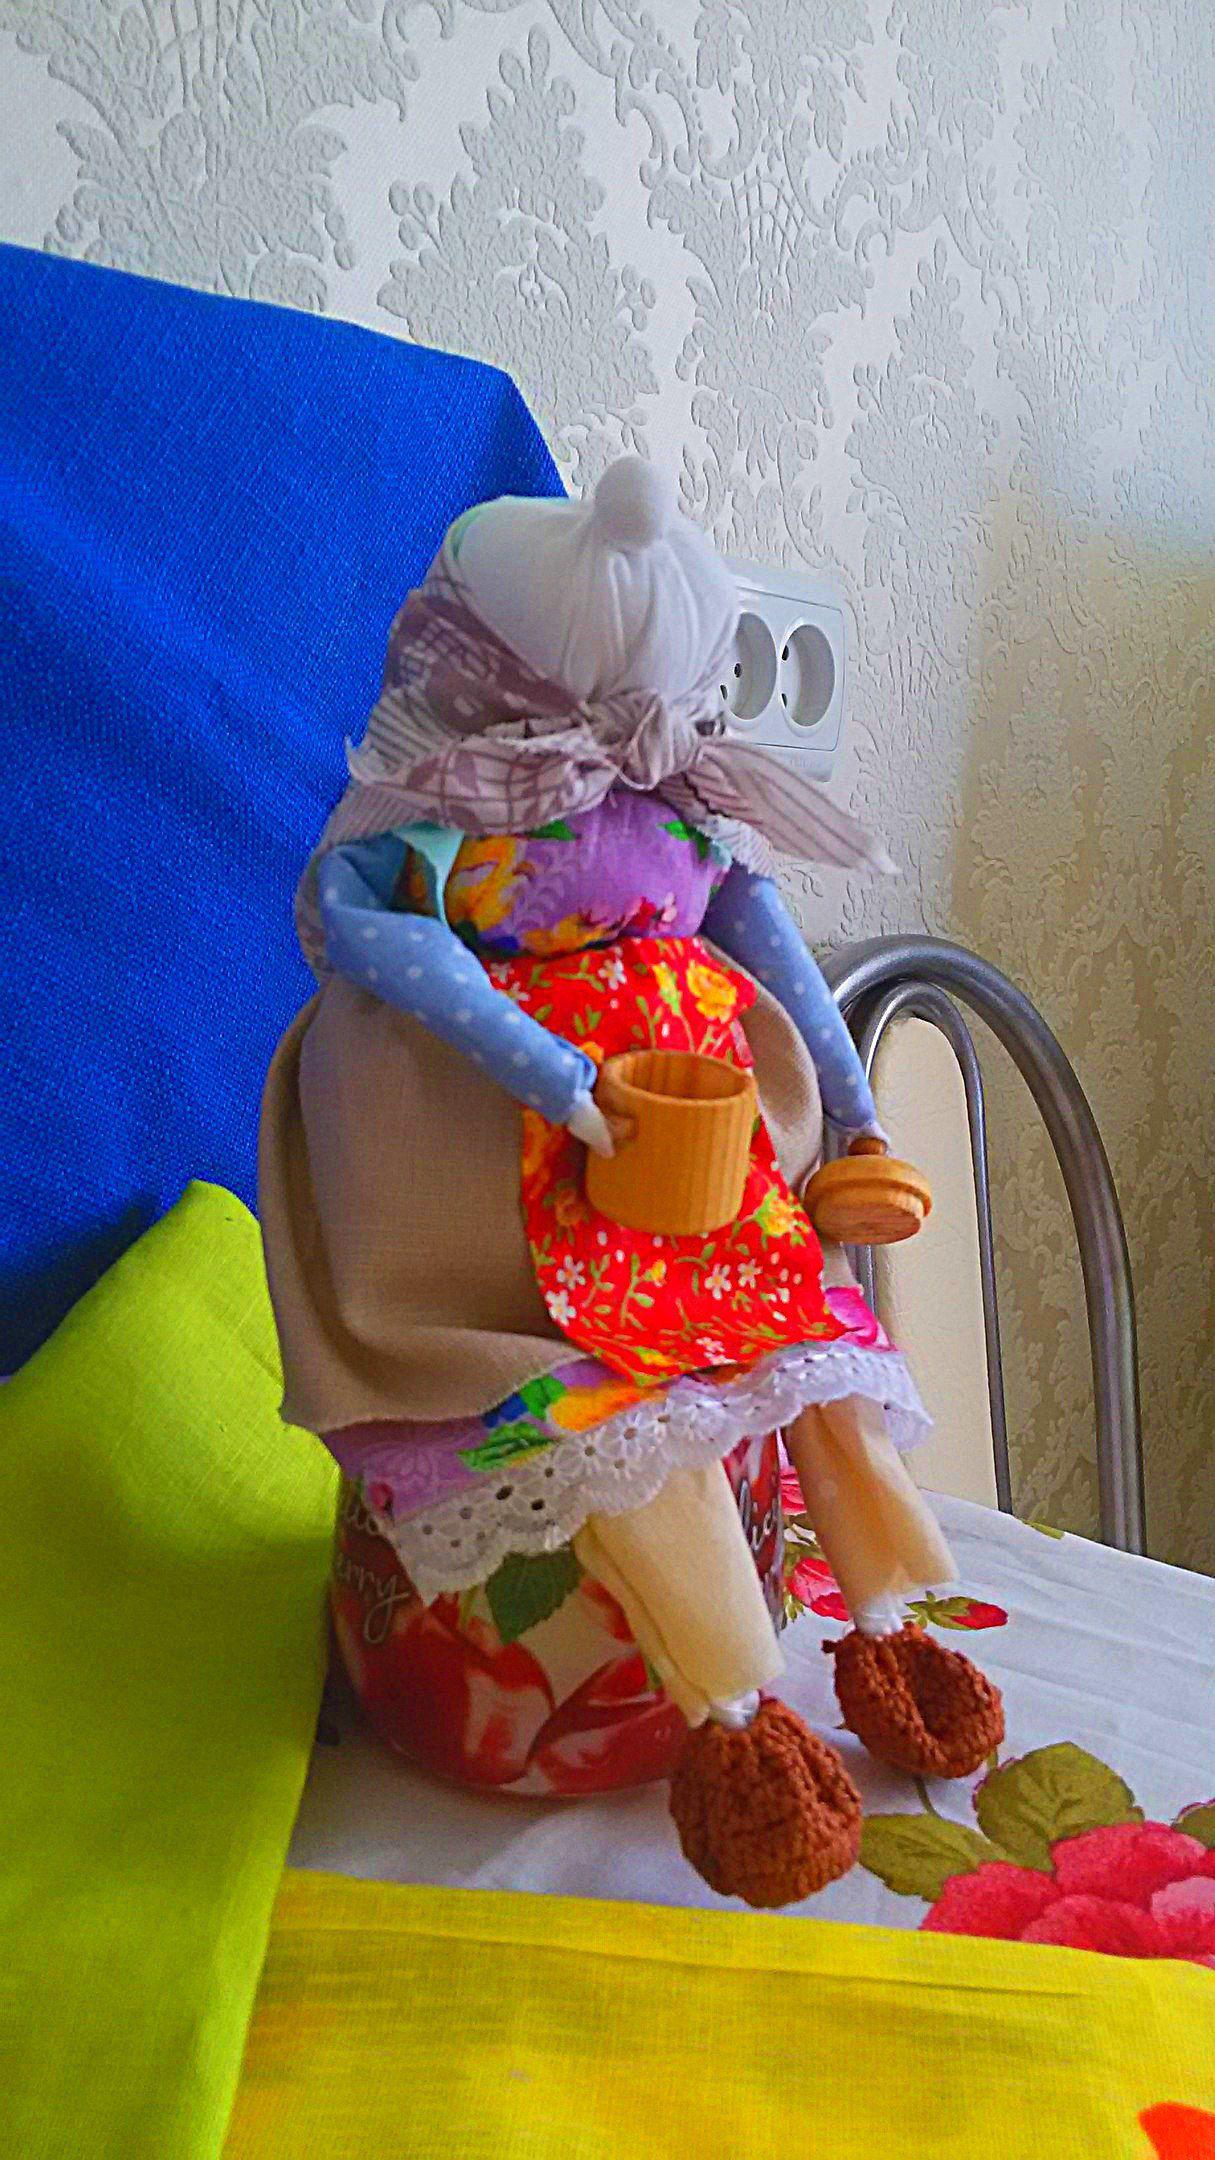 народное подарокбабушке обереги подарочнаякукла бабкахарактерная куклыобереги